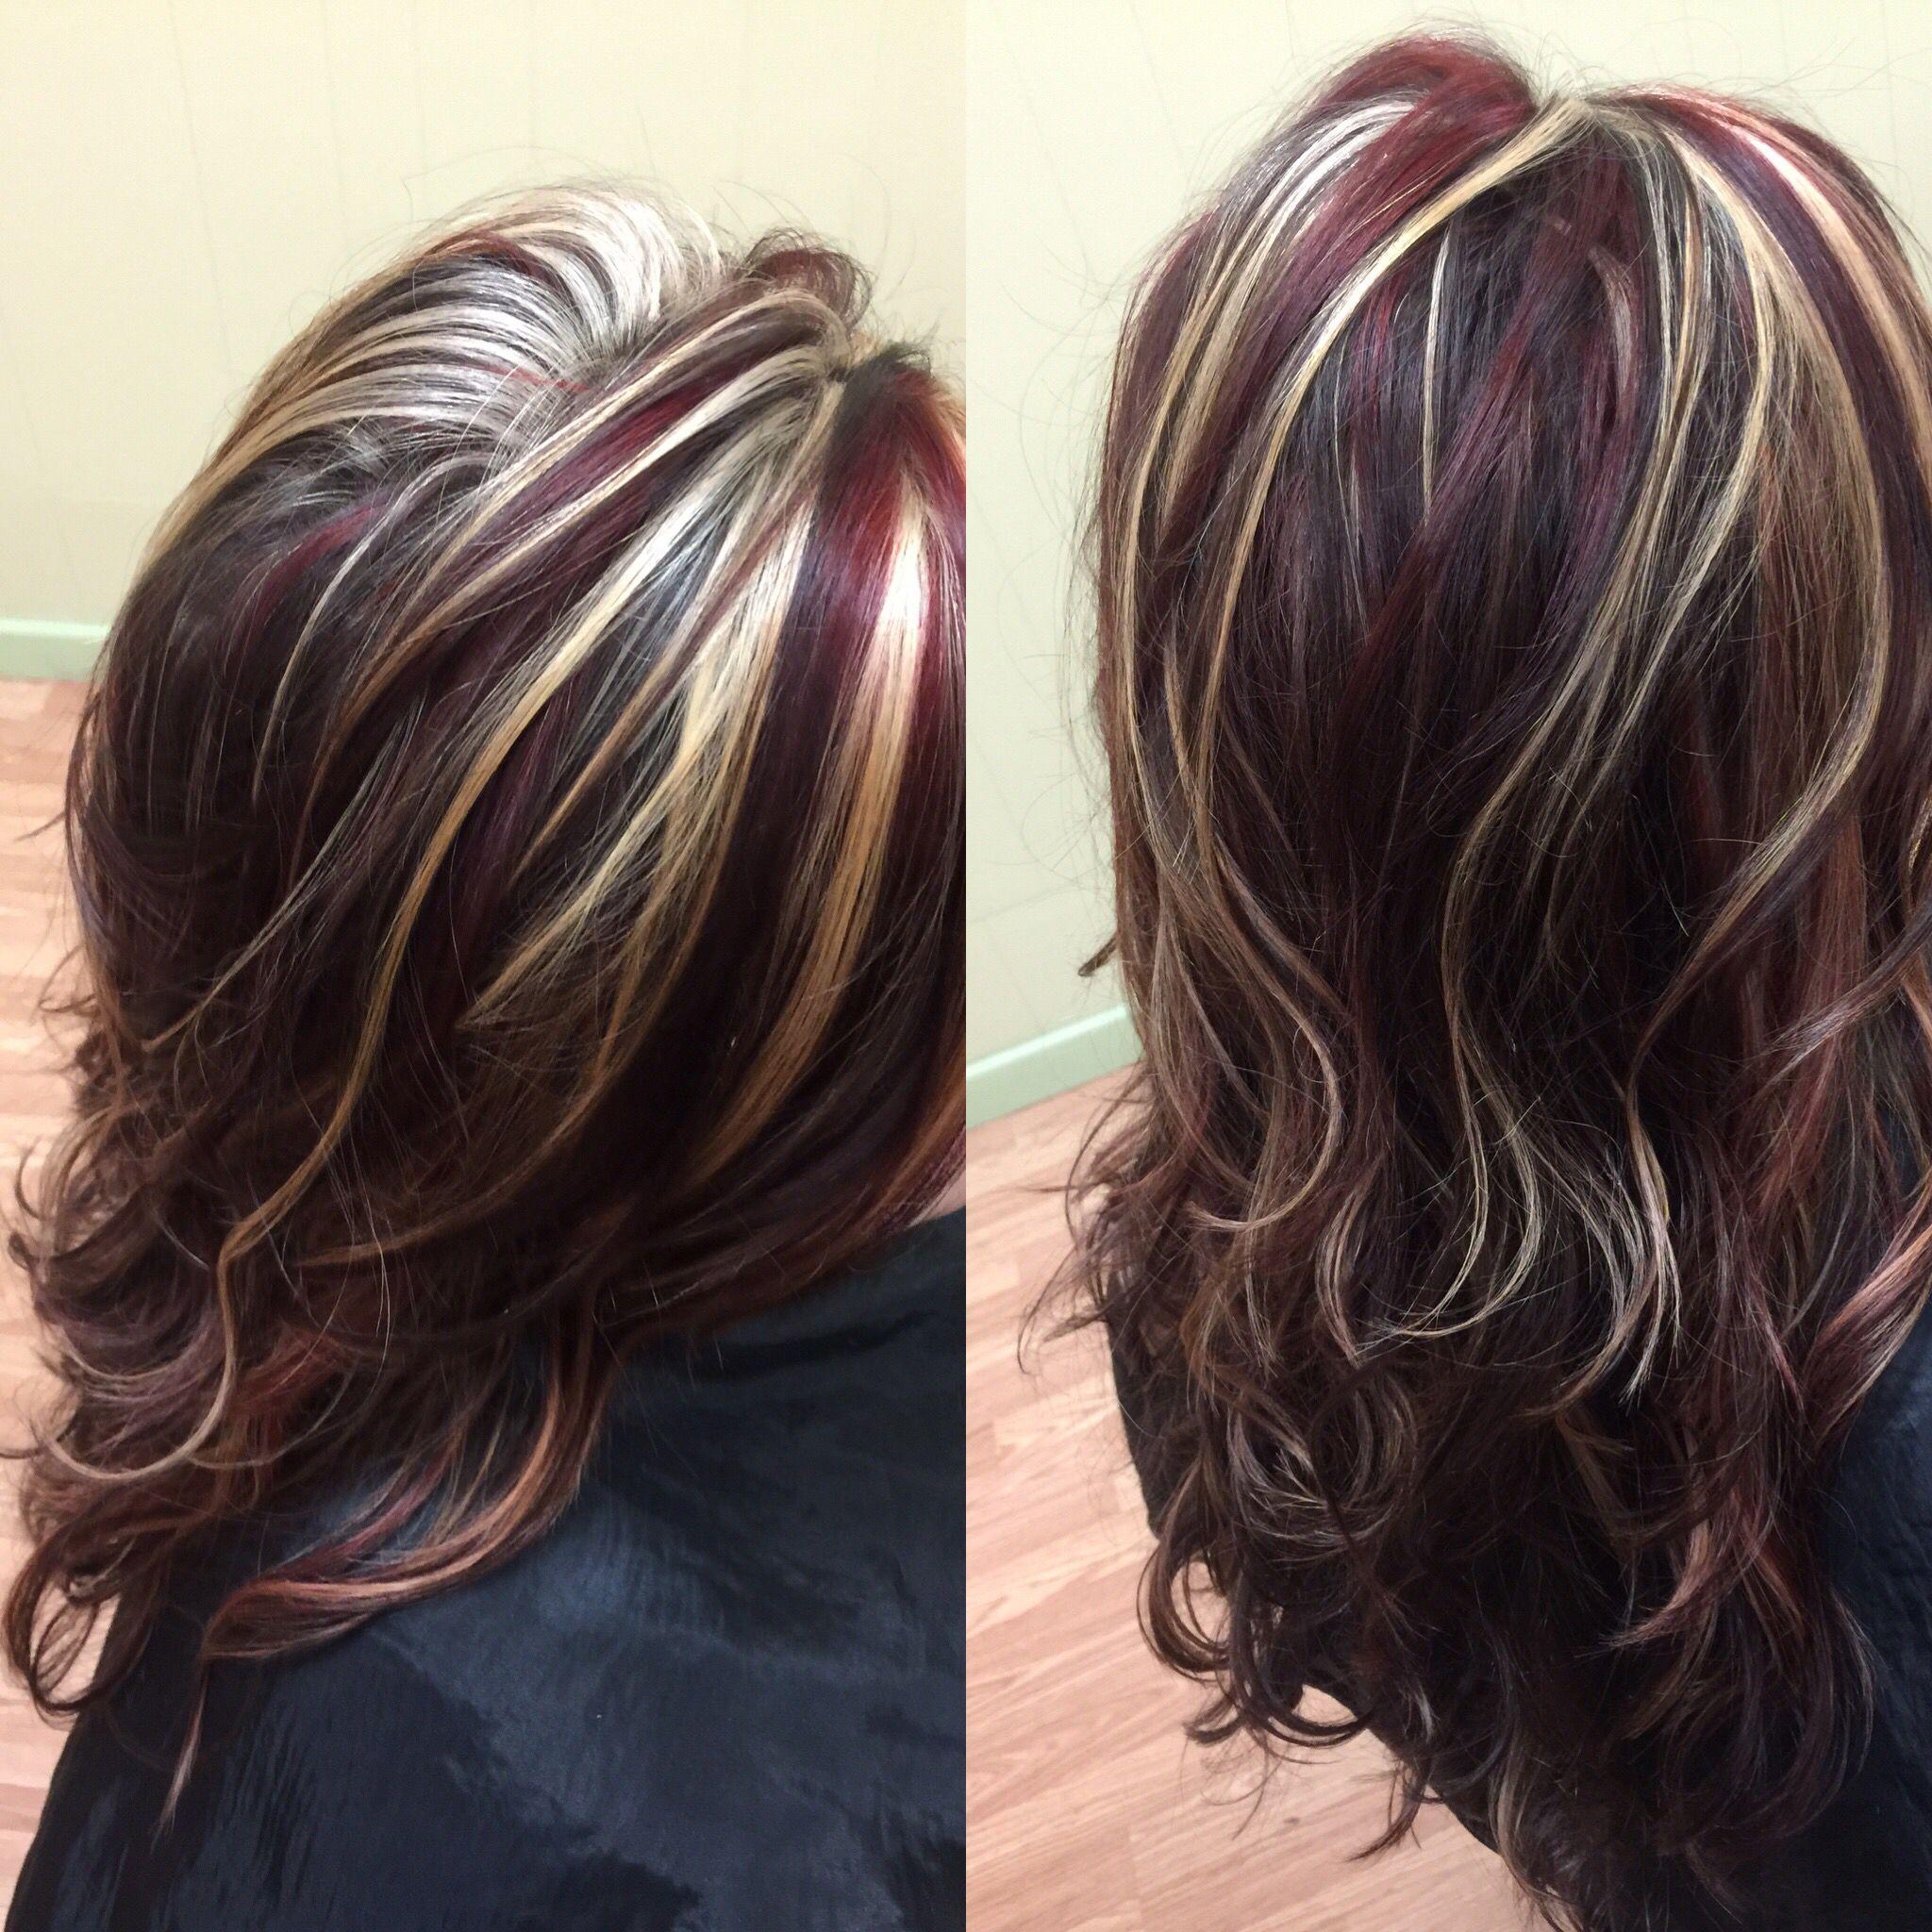 колорирование темных волос фото до и после остальных